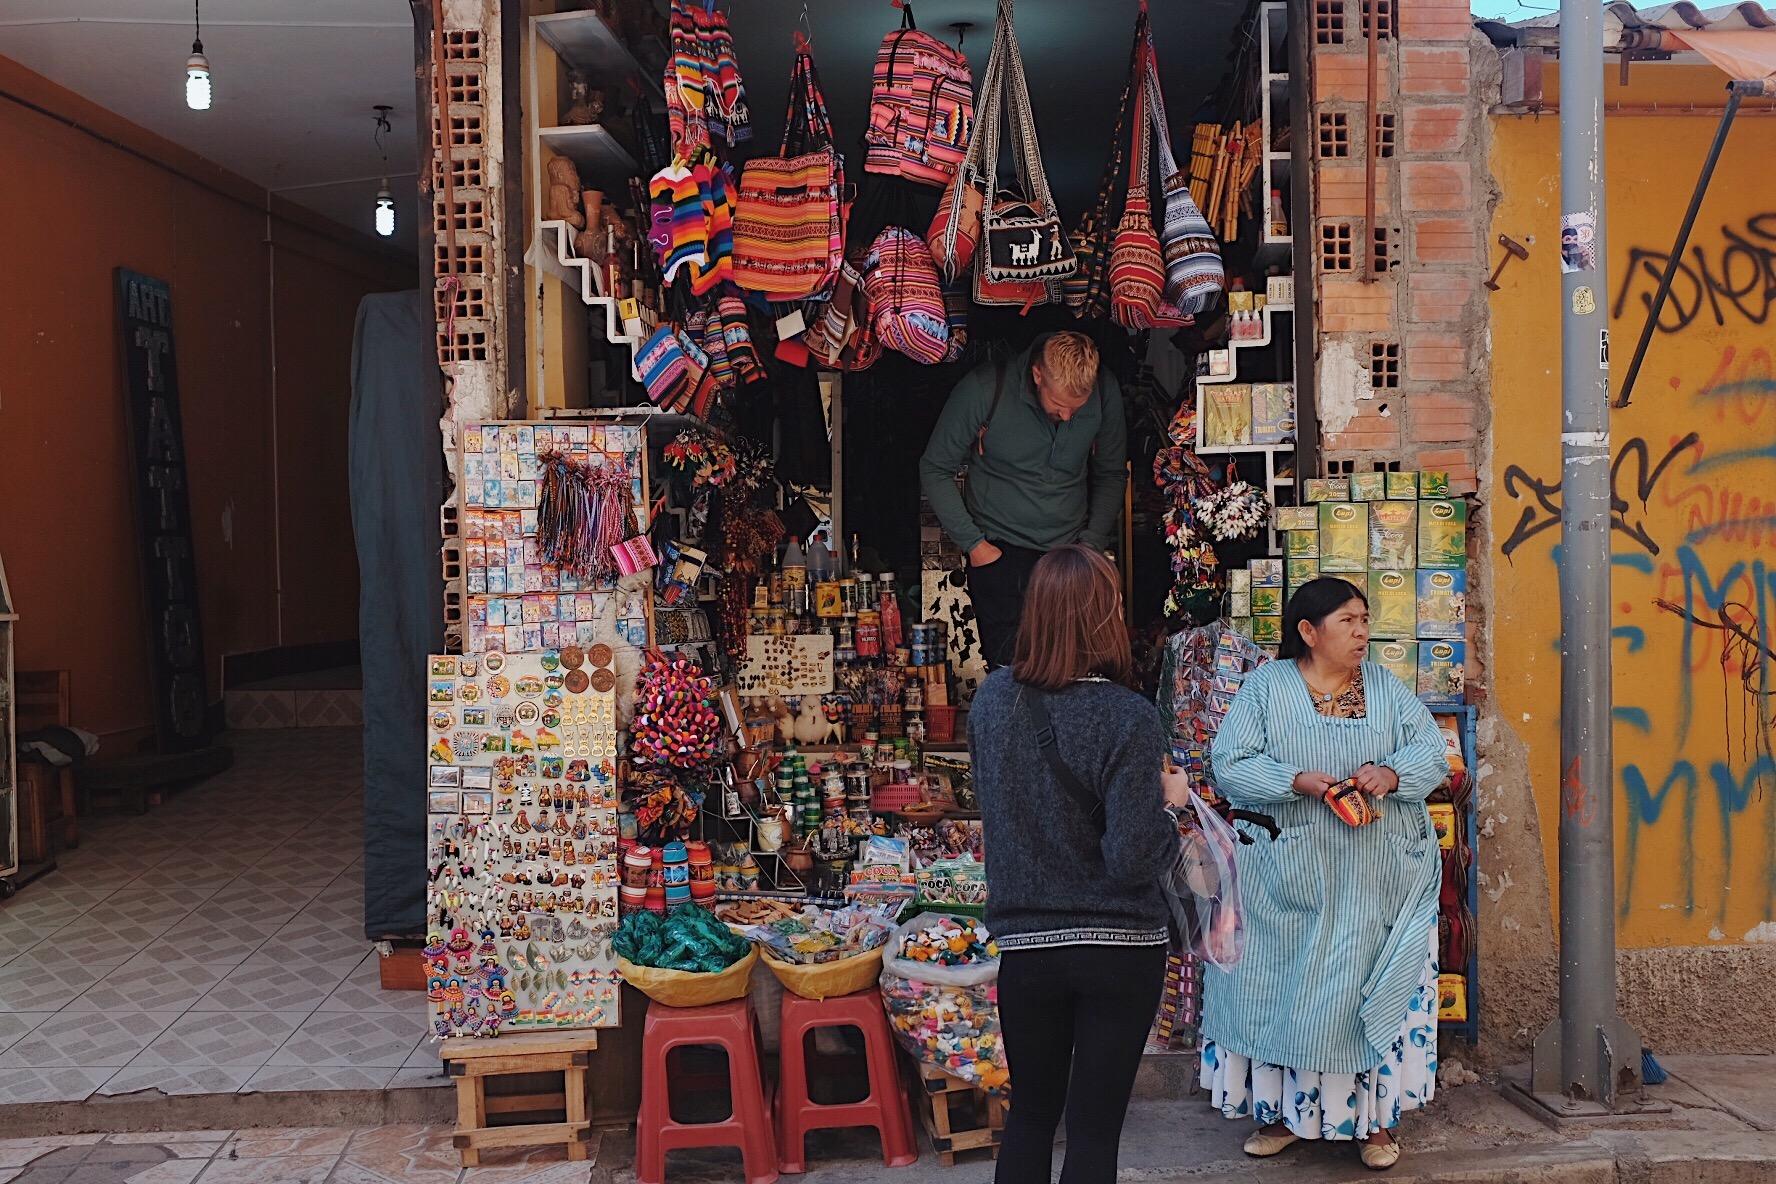 la paz witches market